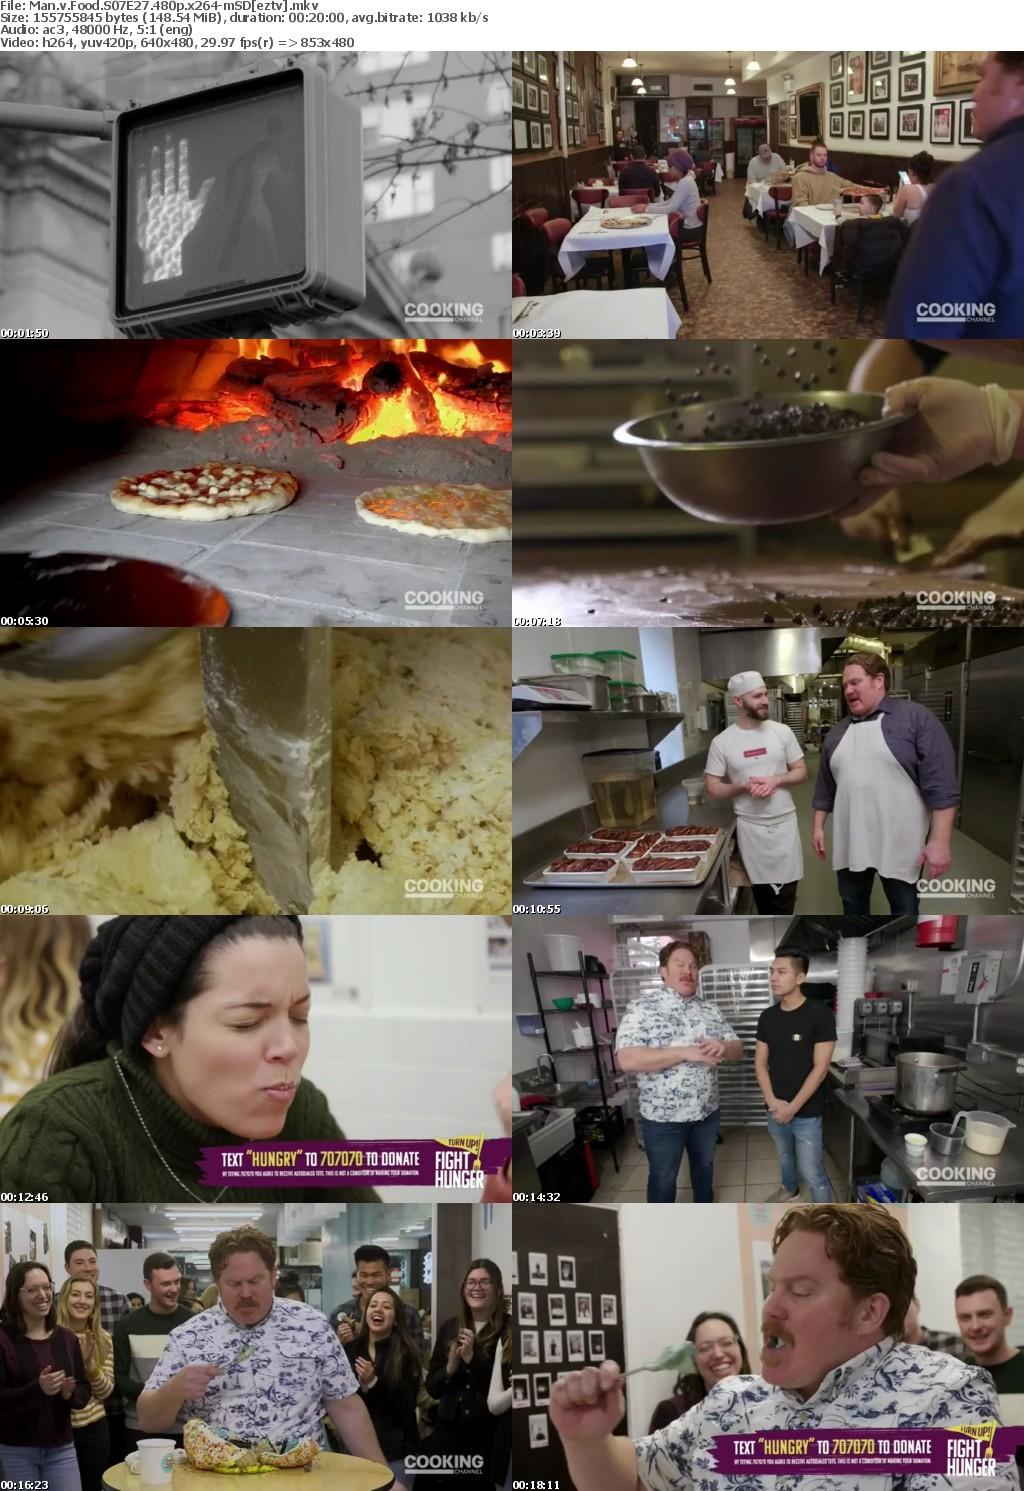 Man v Food S07E27 480p x264-mSD